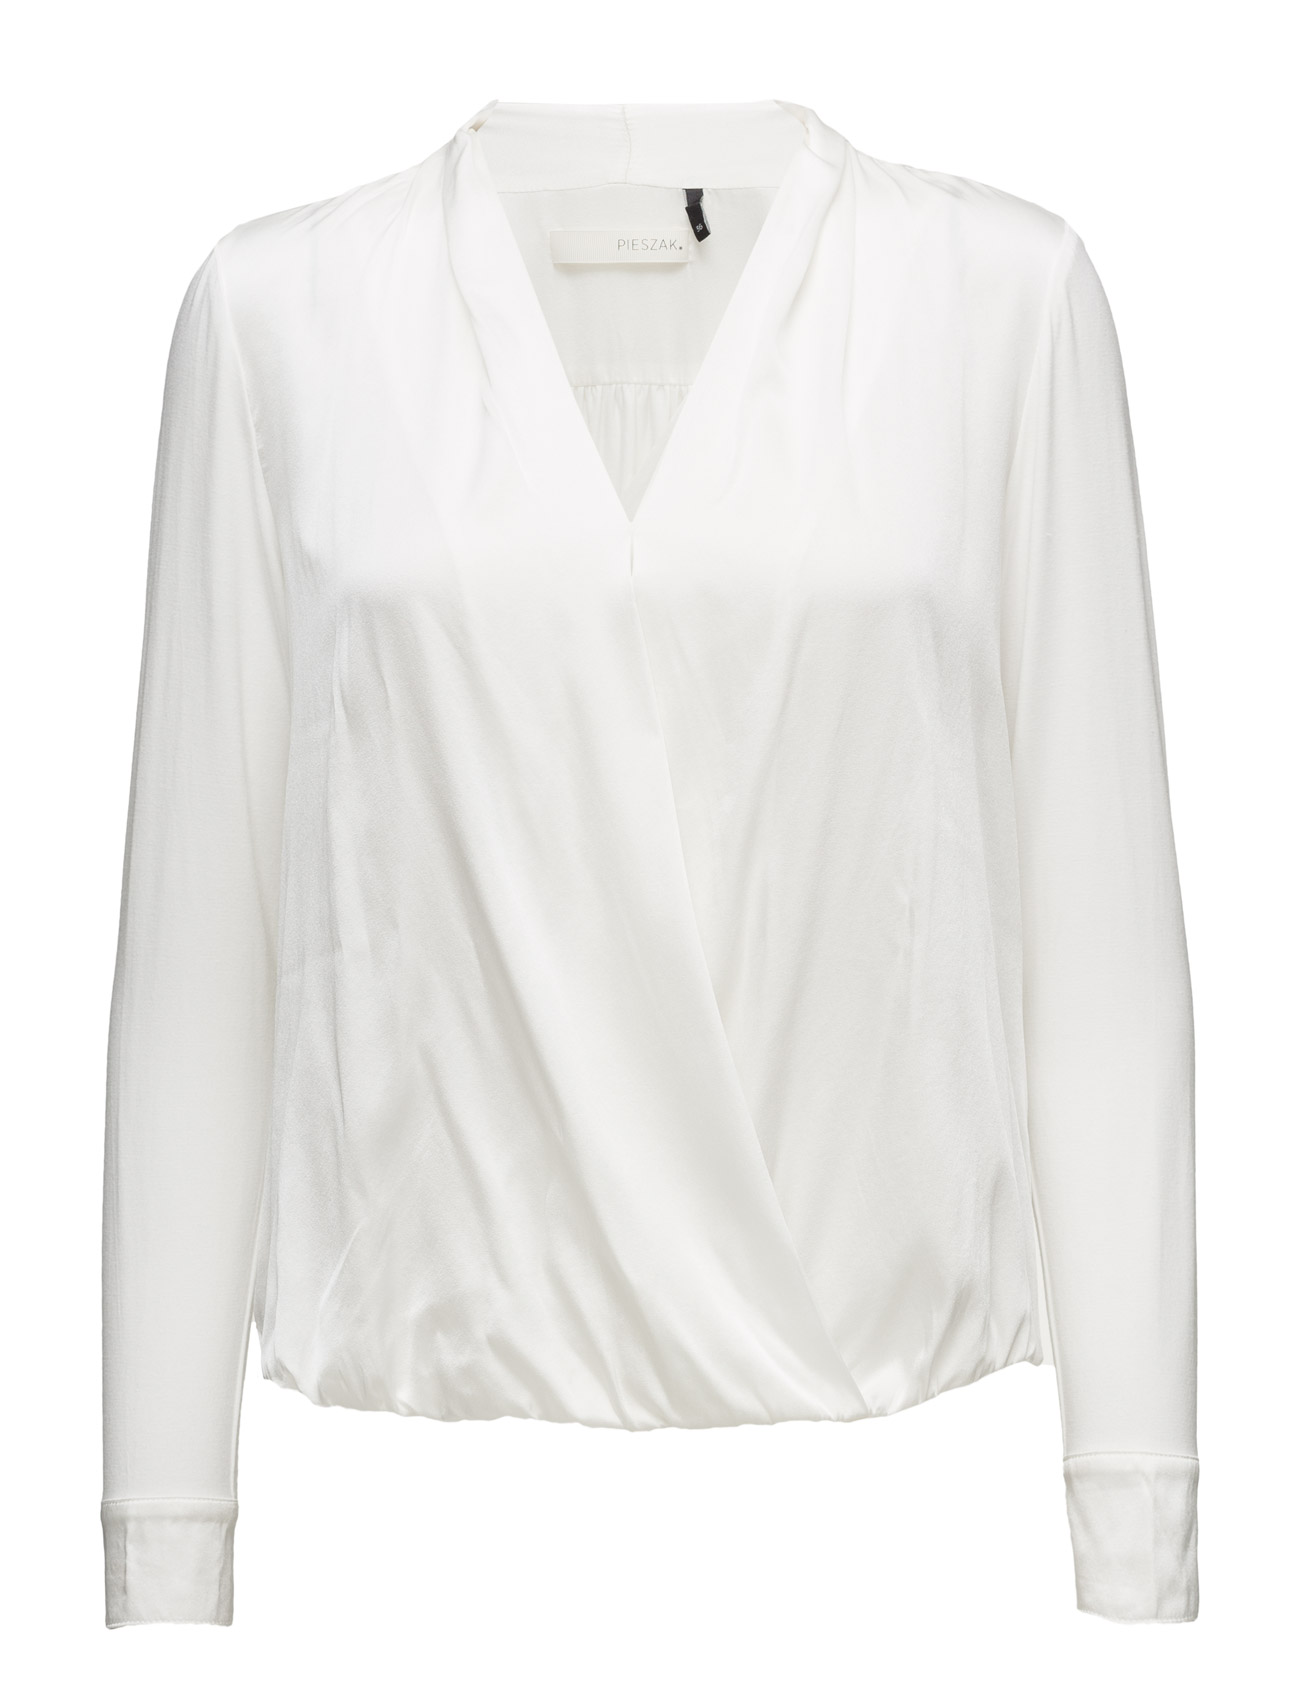 Cille Twist Shirt Pieszak Langærmede til Damer i